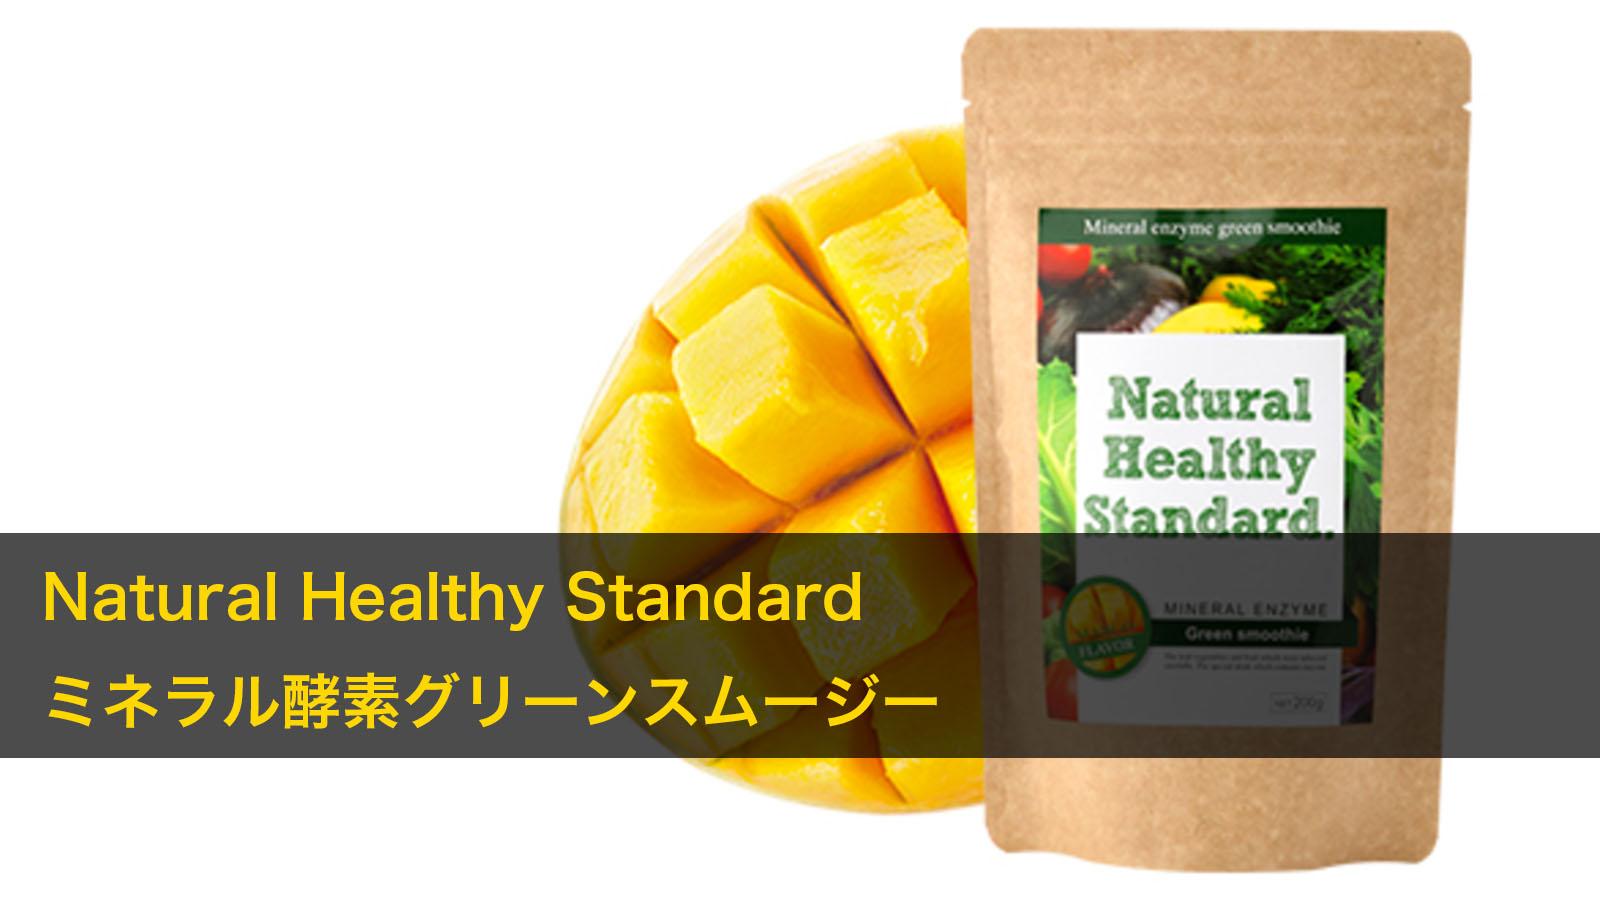 ナチュラルヘルシースタンダード/Natural Healthy Standardで痩せた?ミネラル酵素グリーンスムージーの効果・味を徹底調査!※気になる口コミも!